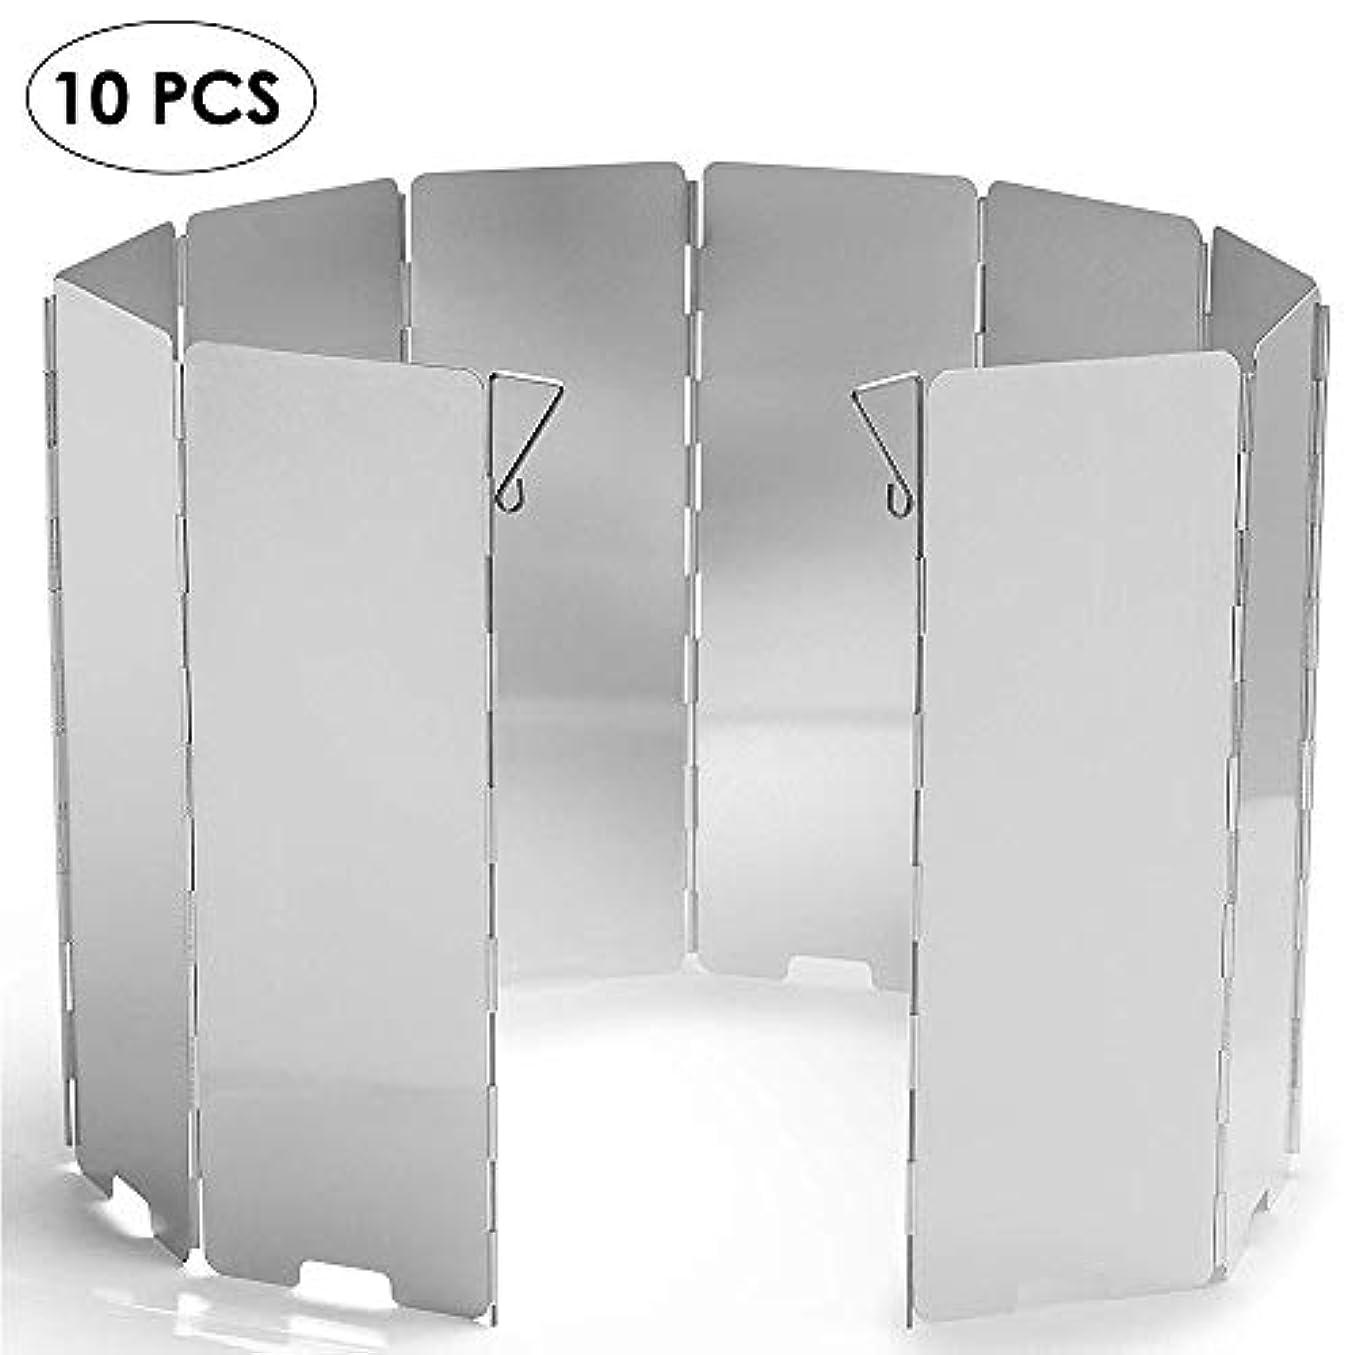 サーマルレジデンス光のLATTCURE 風除板 ウインドスクリーン 防風板 10枚 アルミ製 軽量 折り畳み式 収納袋付き 携帯便利 風よけ コンロ、バナー用の防風板 アウトドア/登山/キャンプ/バーベキューに適合